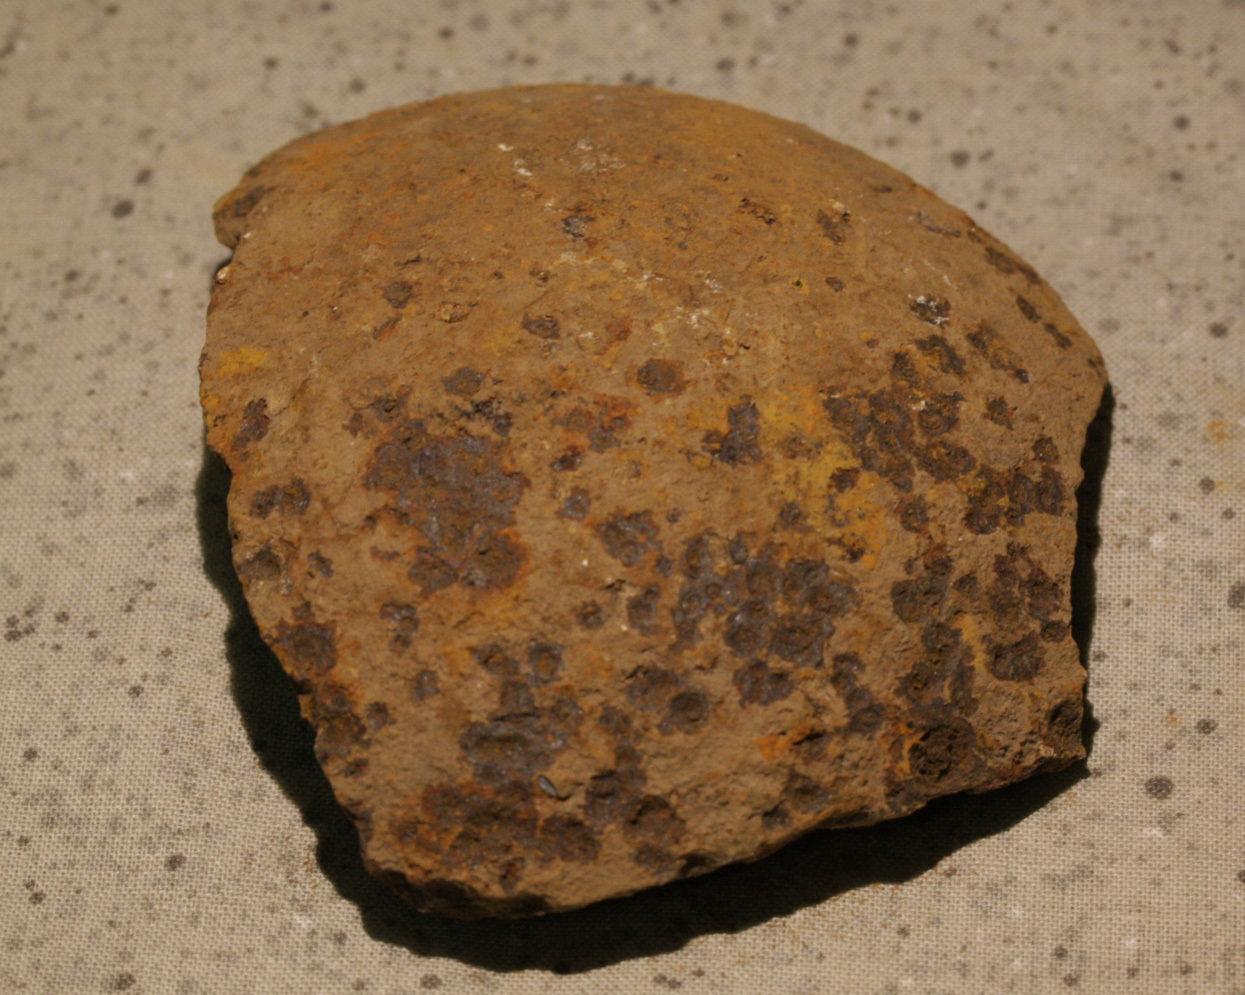 JUST ADDED ON 9/21 - GETTYSBURG - DEVIL'S DEN - ROSENSTEEL FAMILY - Nice Sized Fragment of a 12 Pound Spherical artillery shell GR-IRDDH77